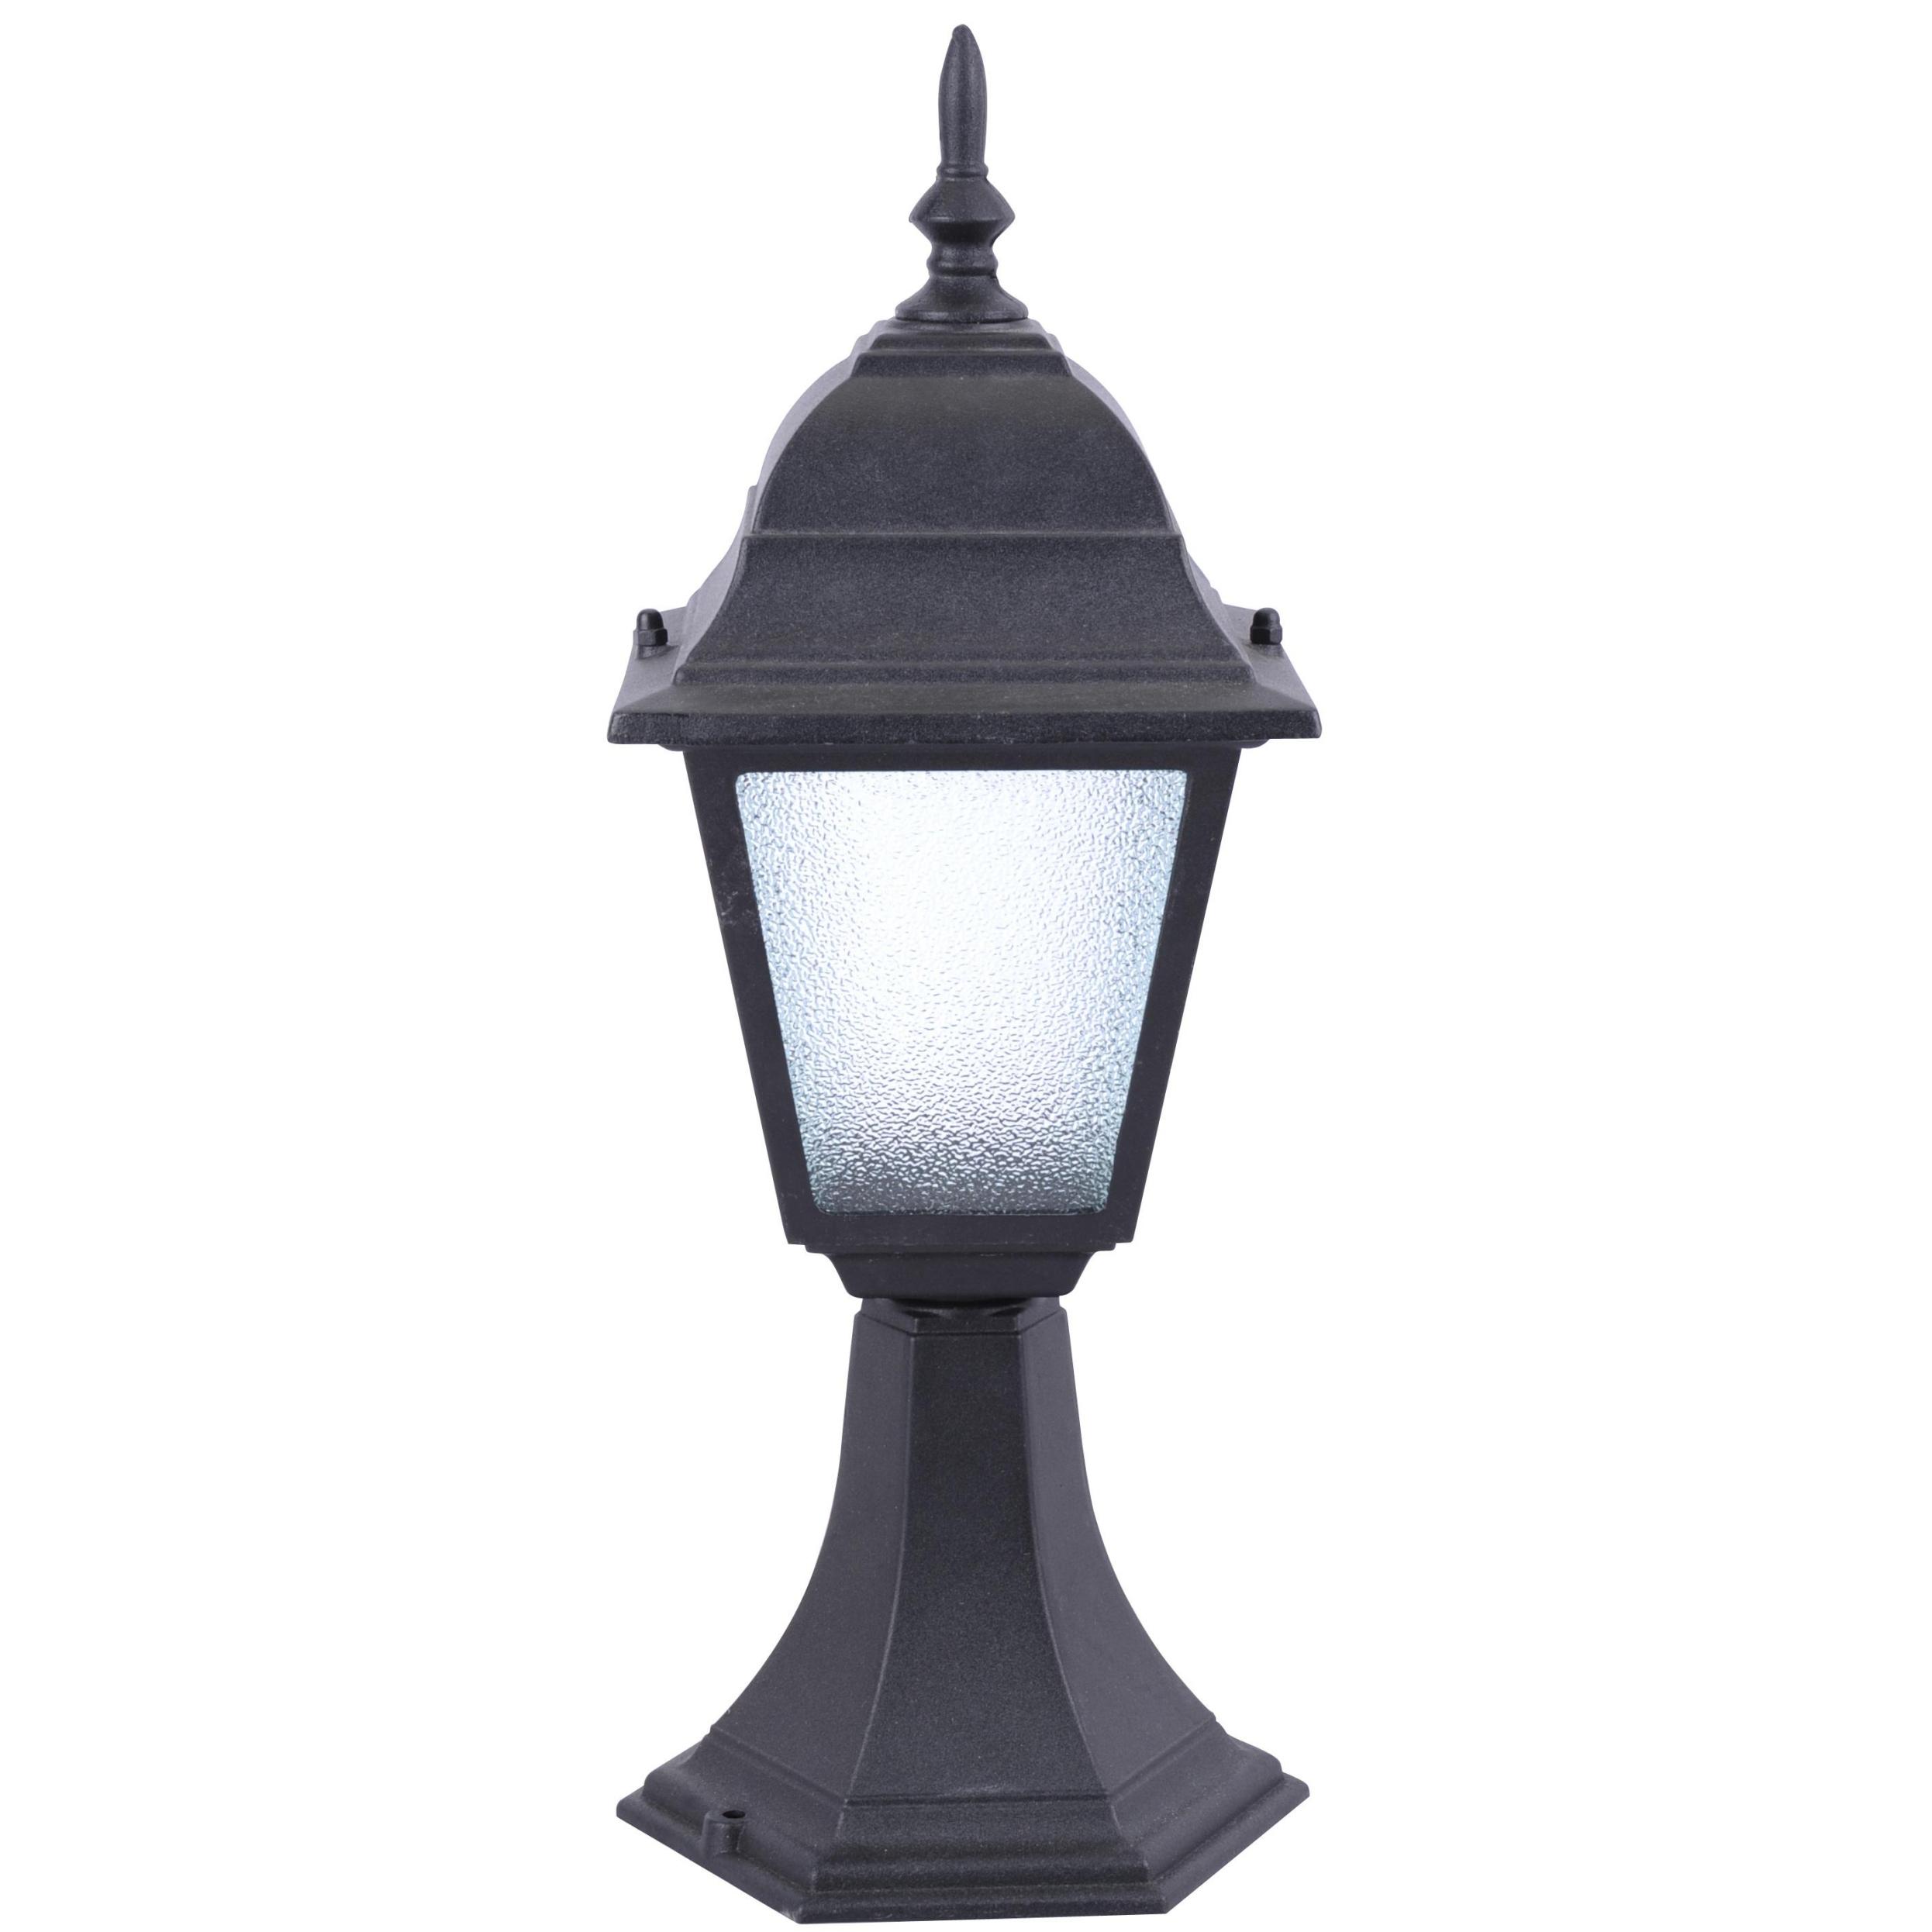 все цены на Светильник уличный Arte lamp Bremen a1014fn-1bk